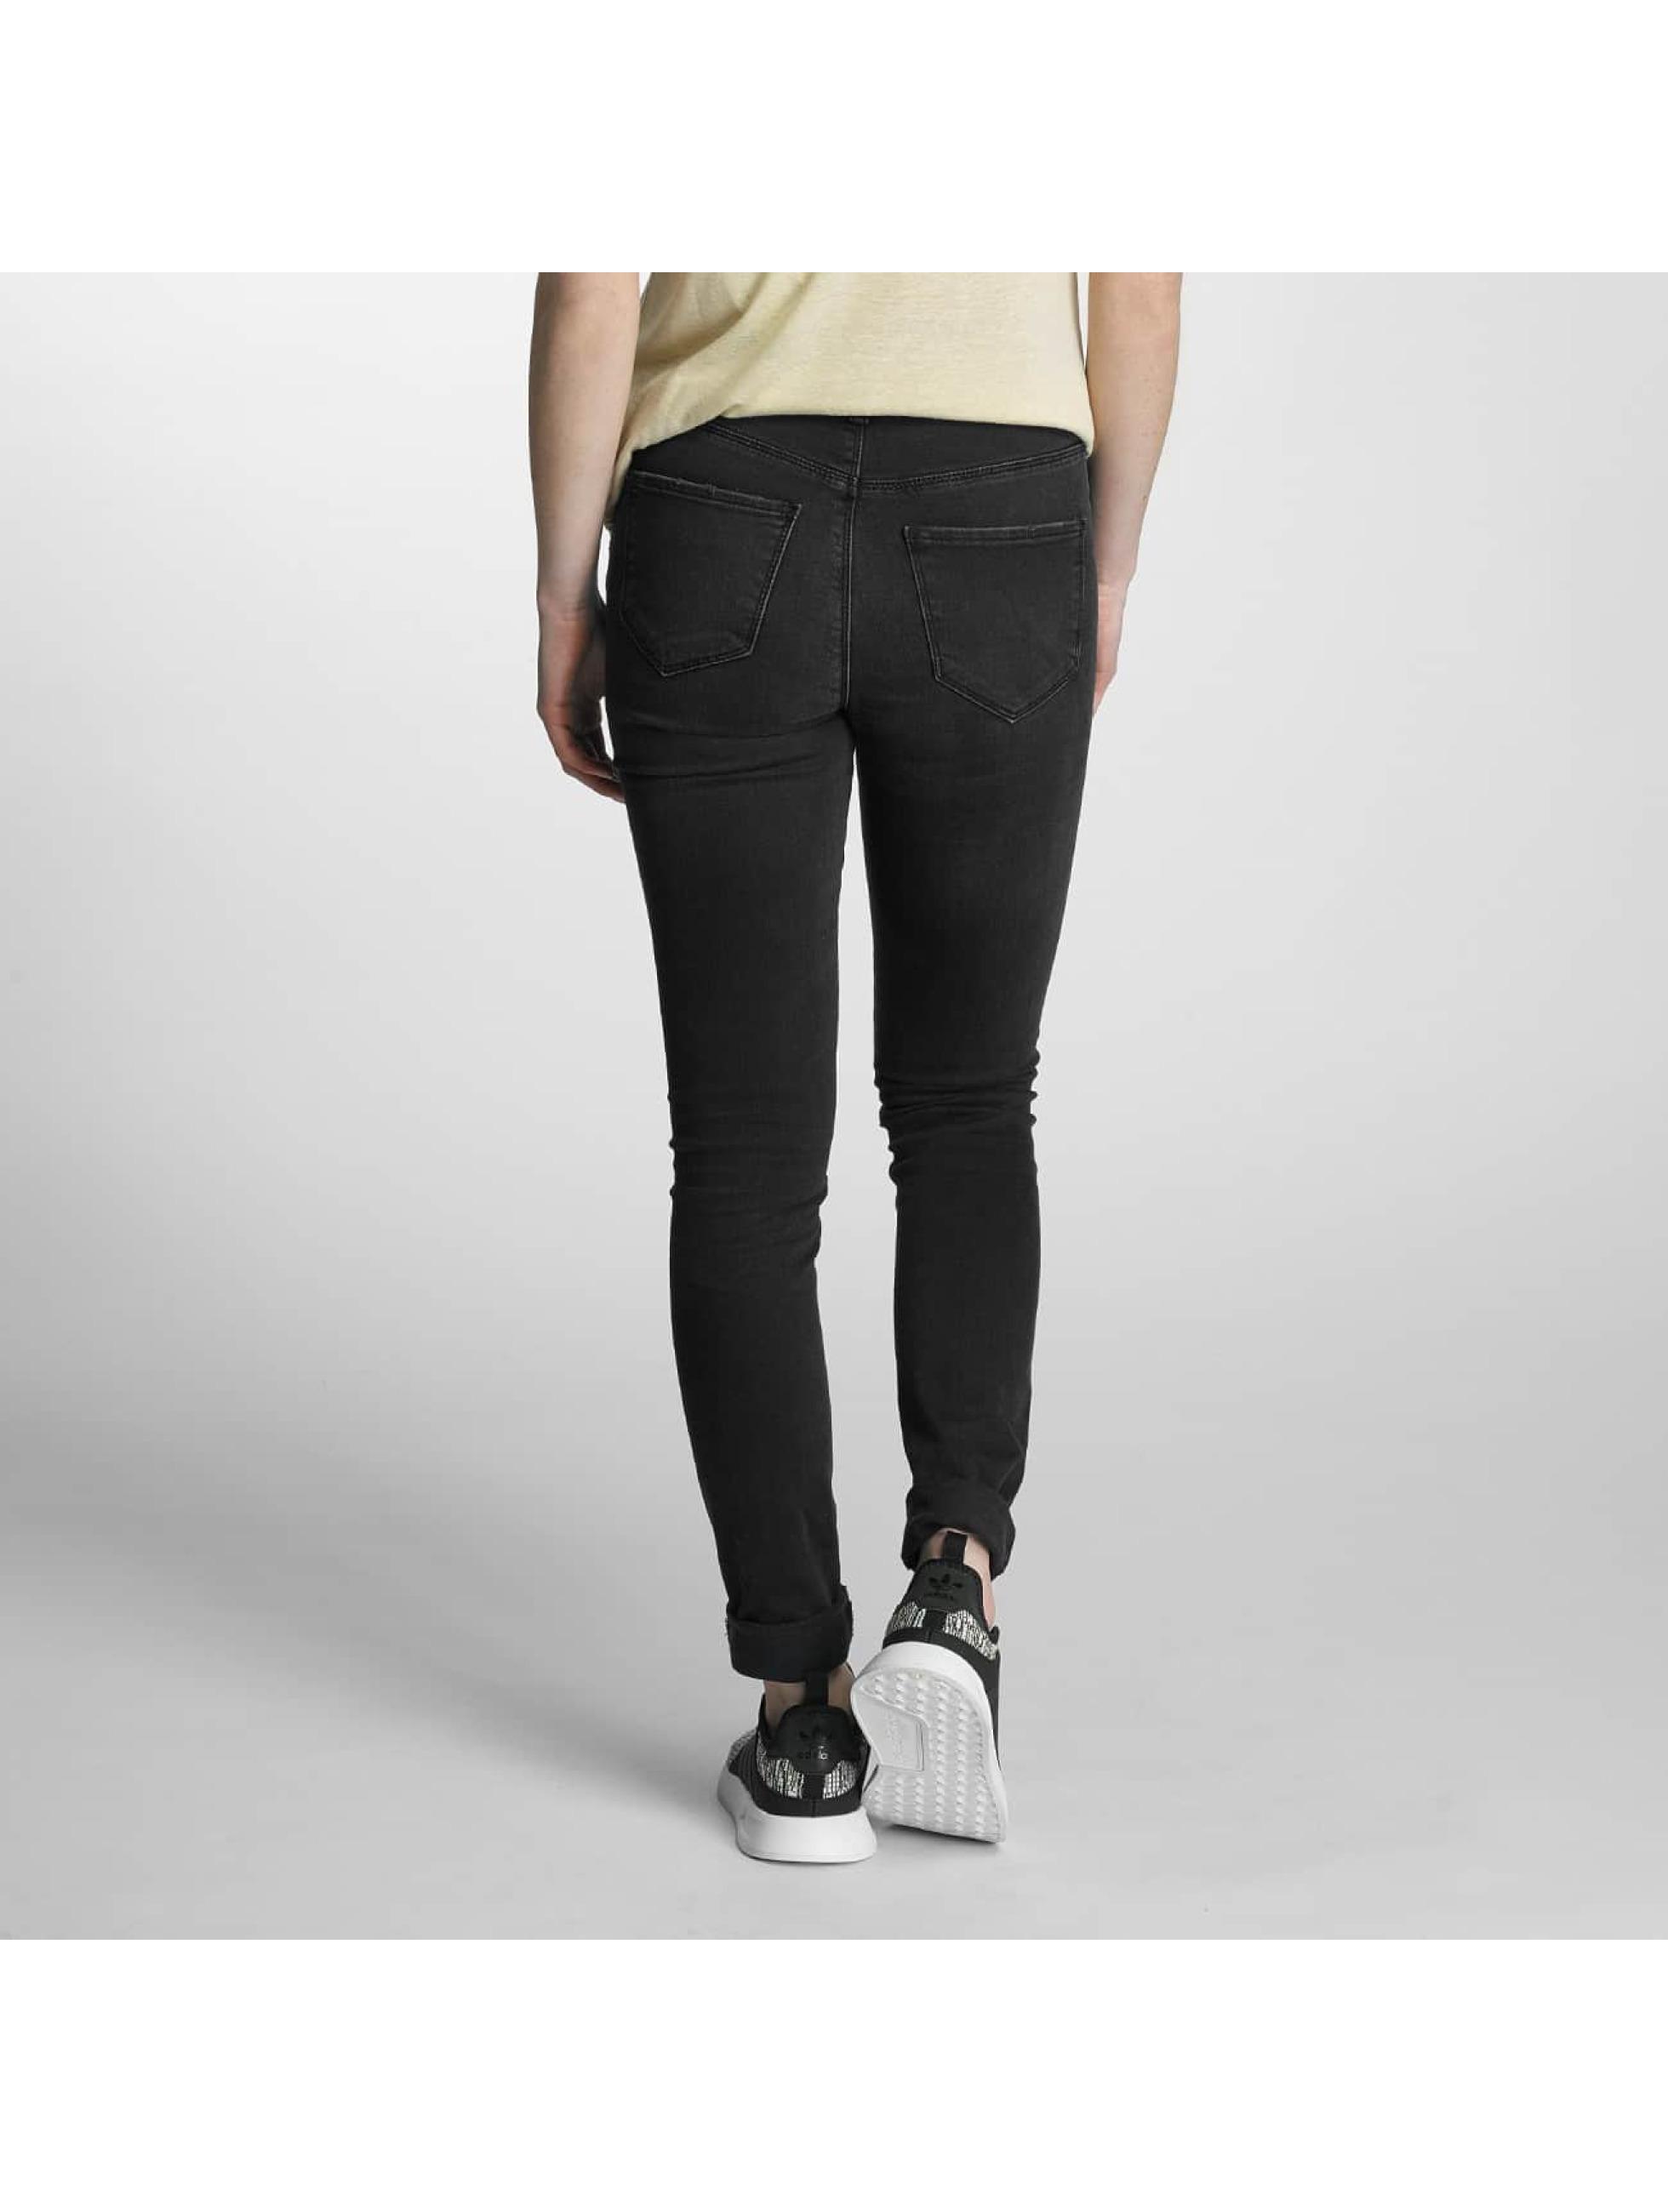 Vero Moda Jeans ajustado vmSeven negro